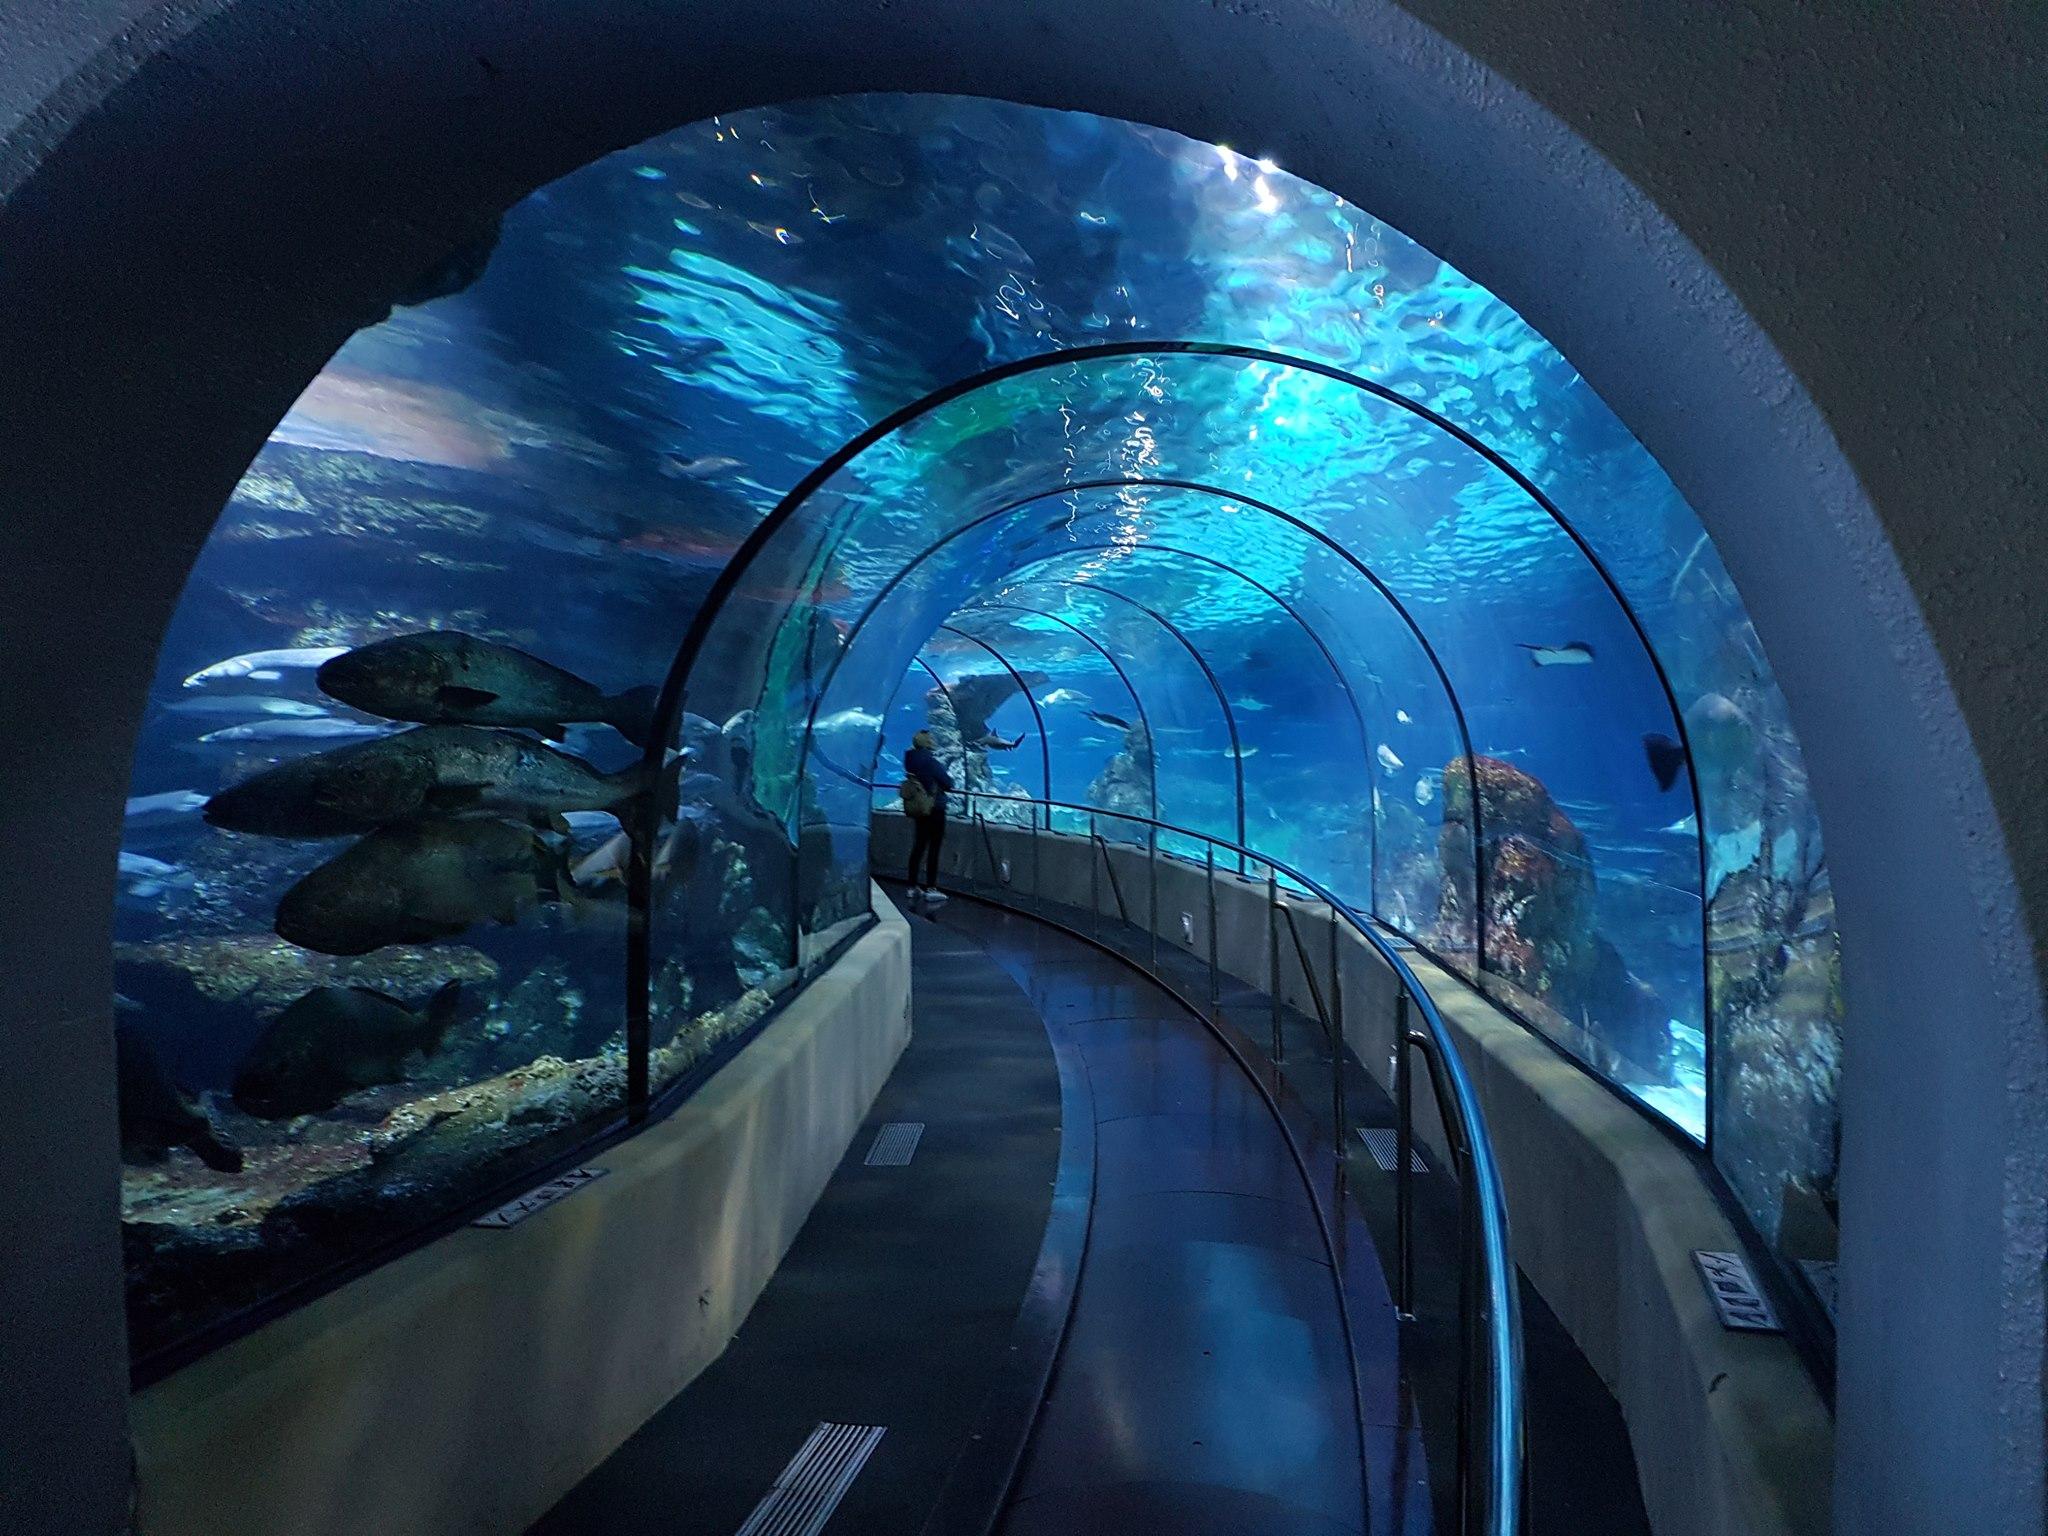 acquario di barcellona